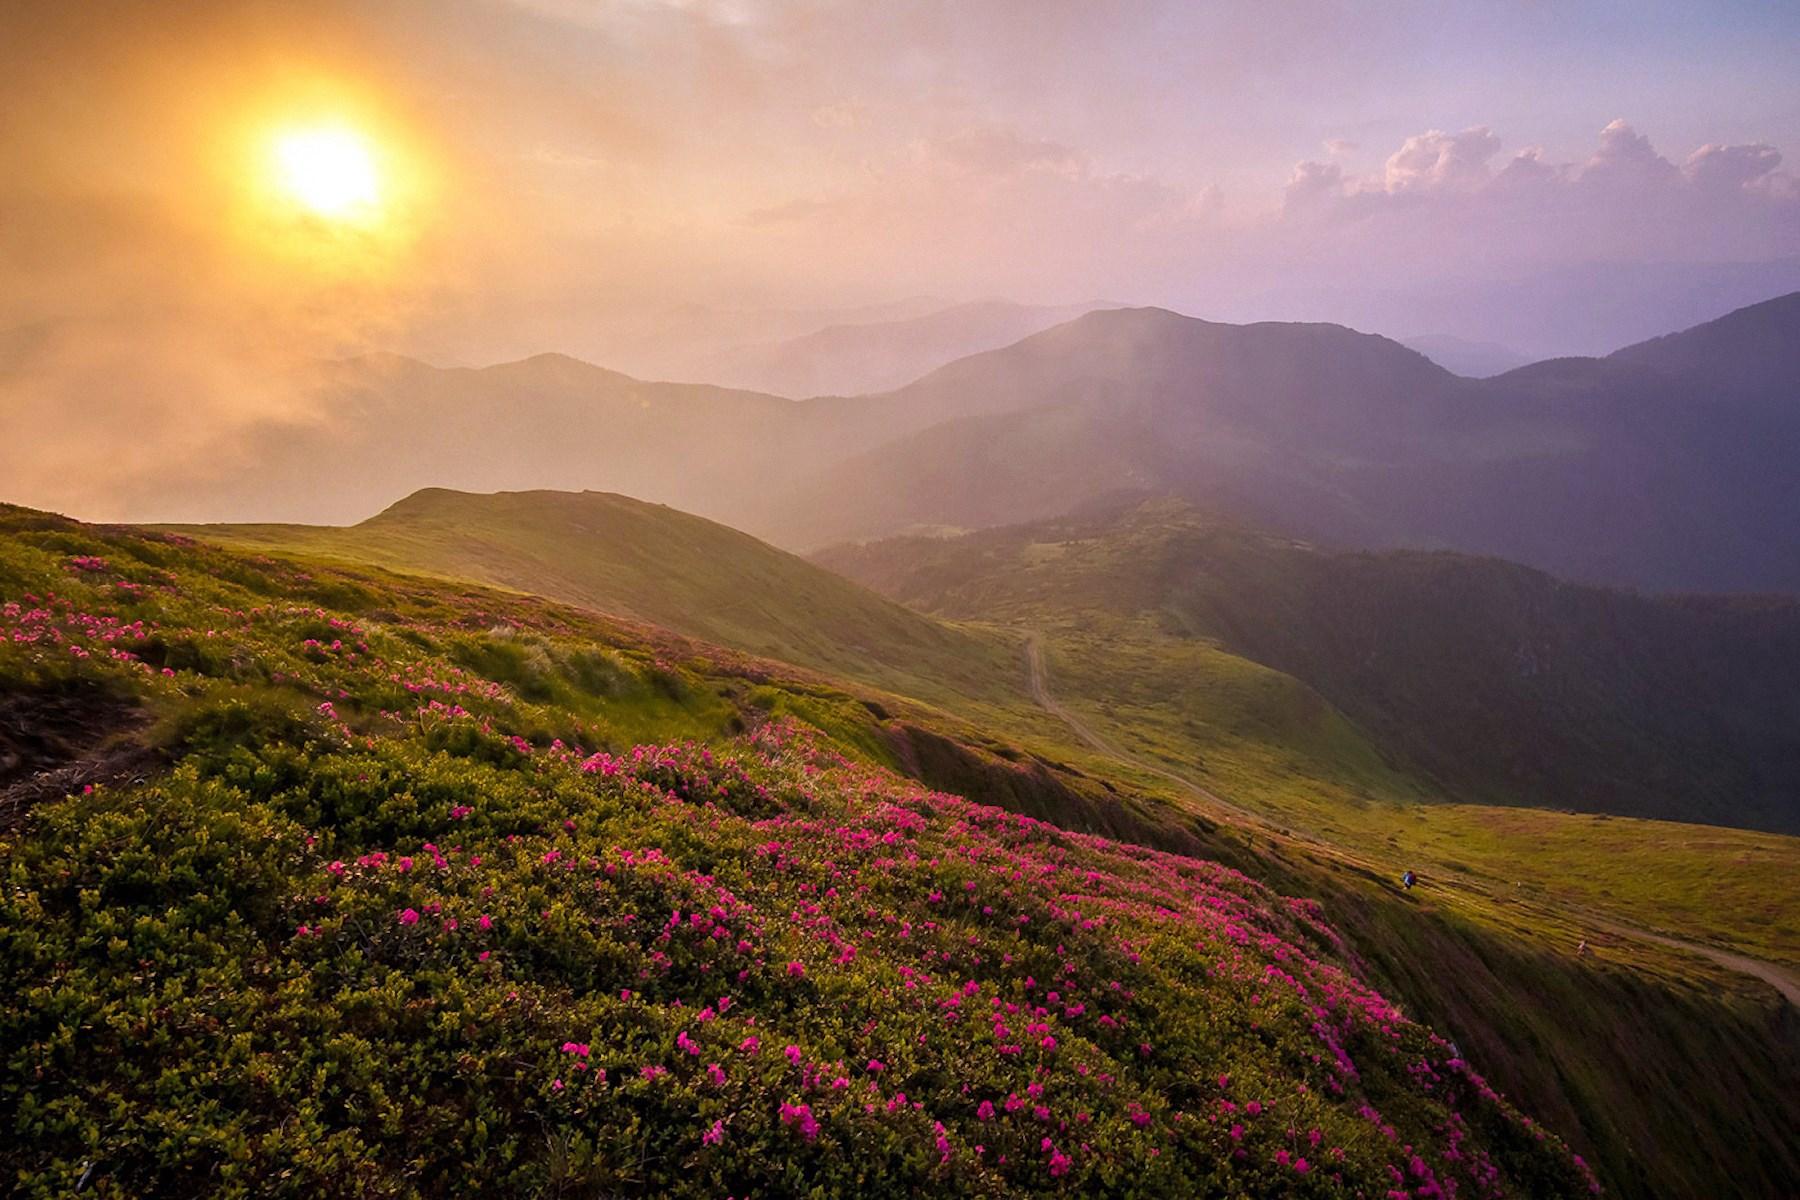 00 Sunset in the Carpathians. Sergei Srednitsky. 2015